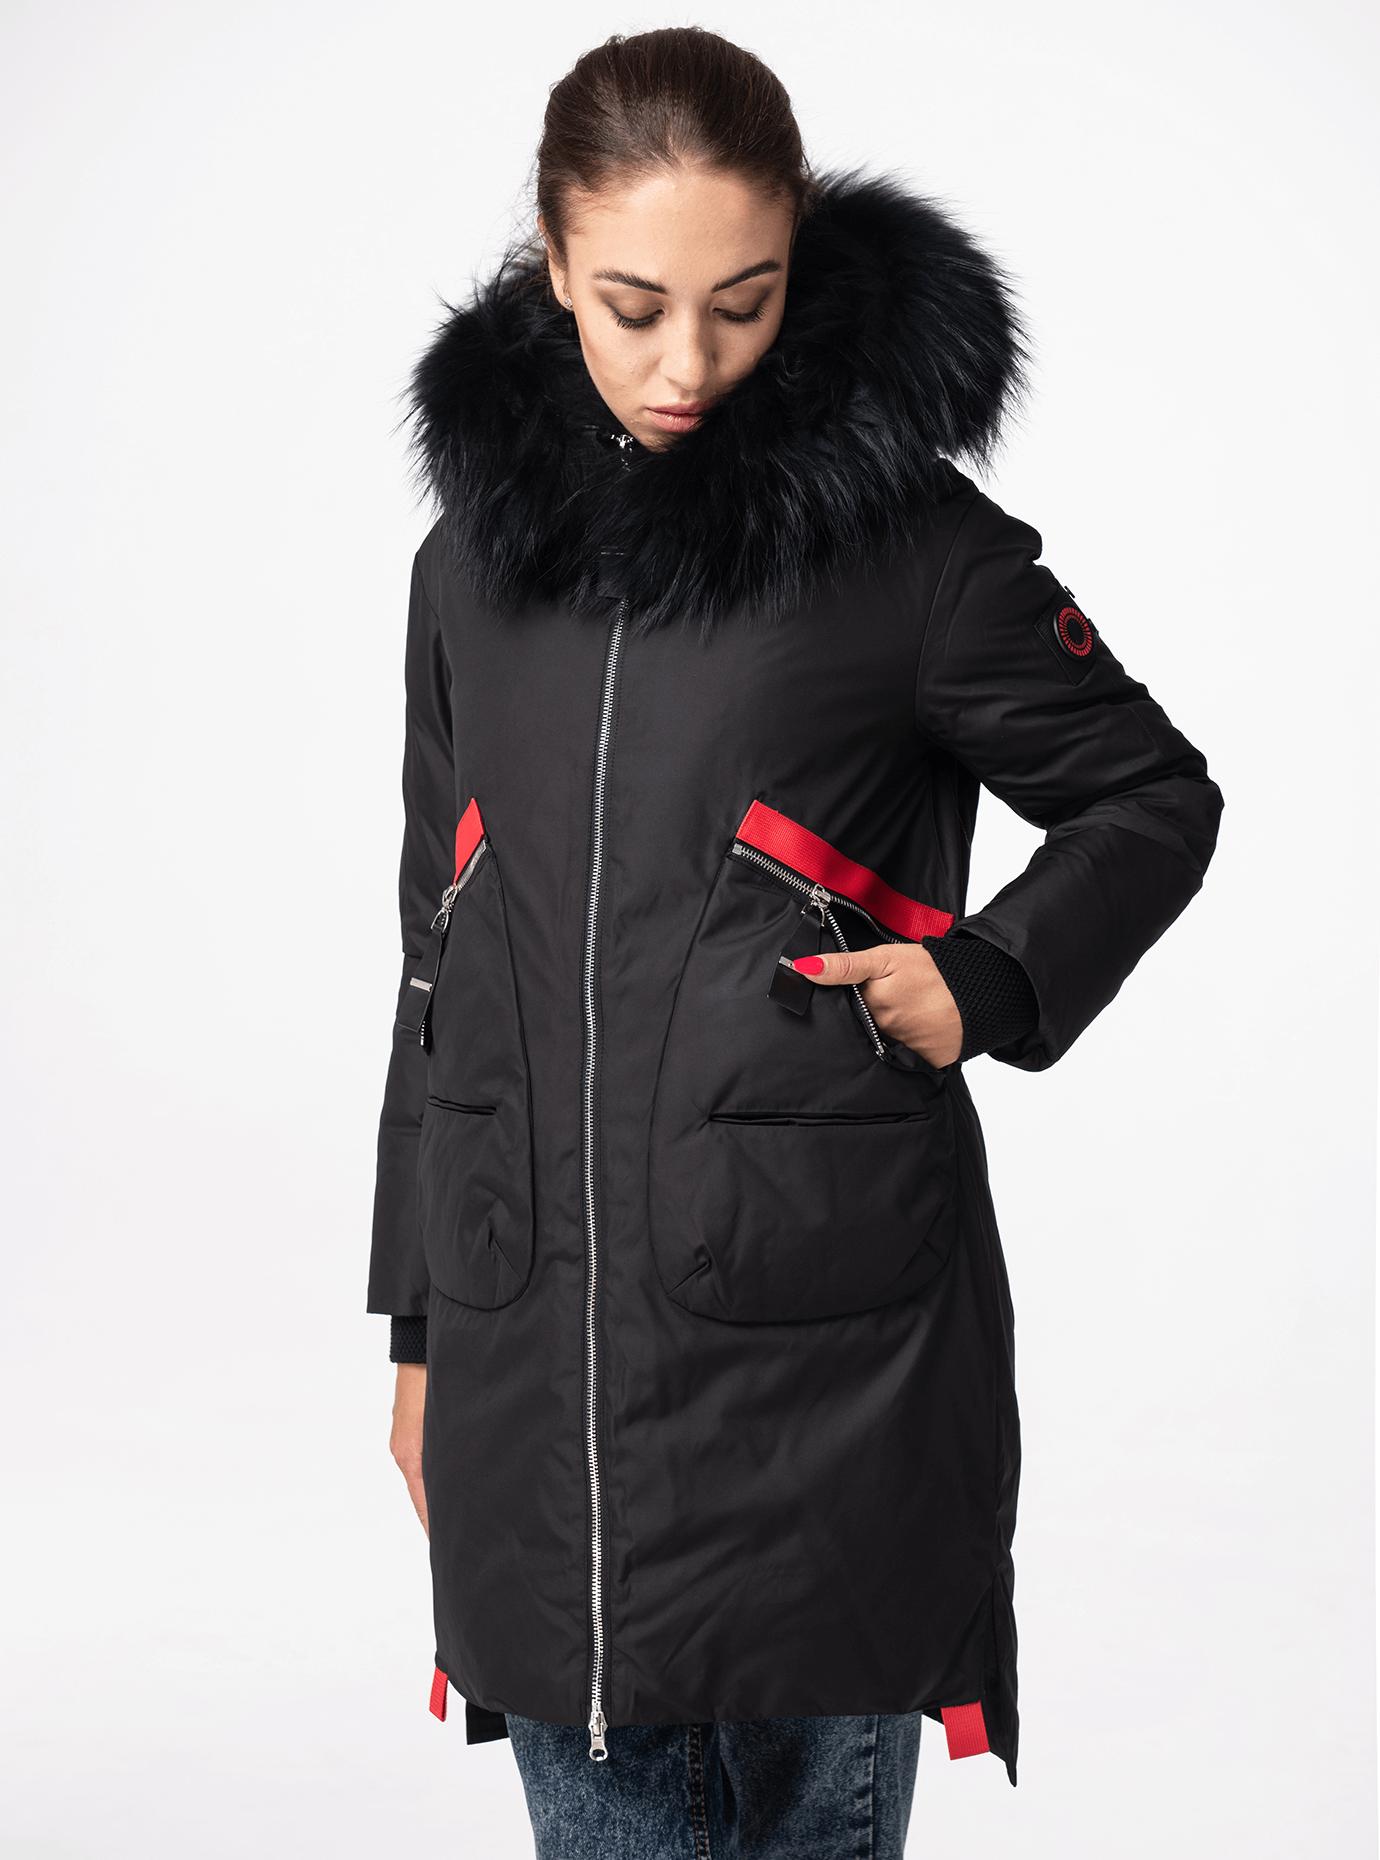 Зимняя куртка женская с мехом енота Чёрный S (05-CH19001): фото - Alster.ua